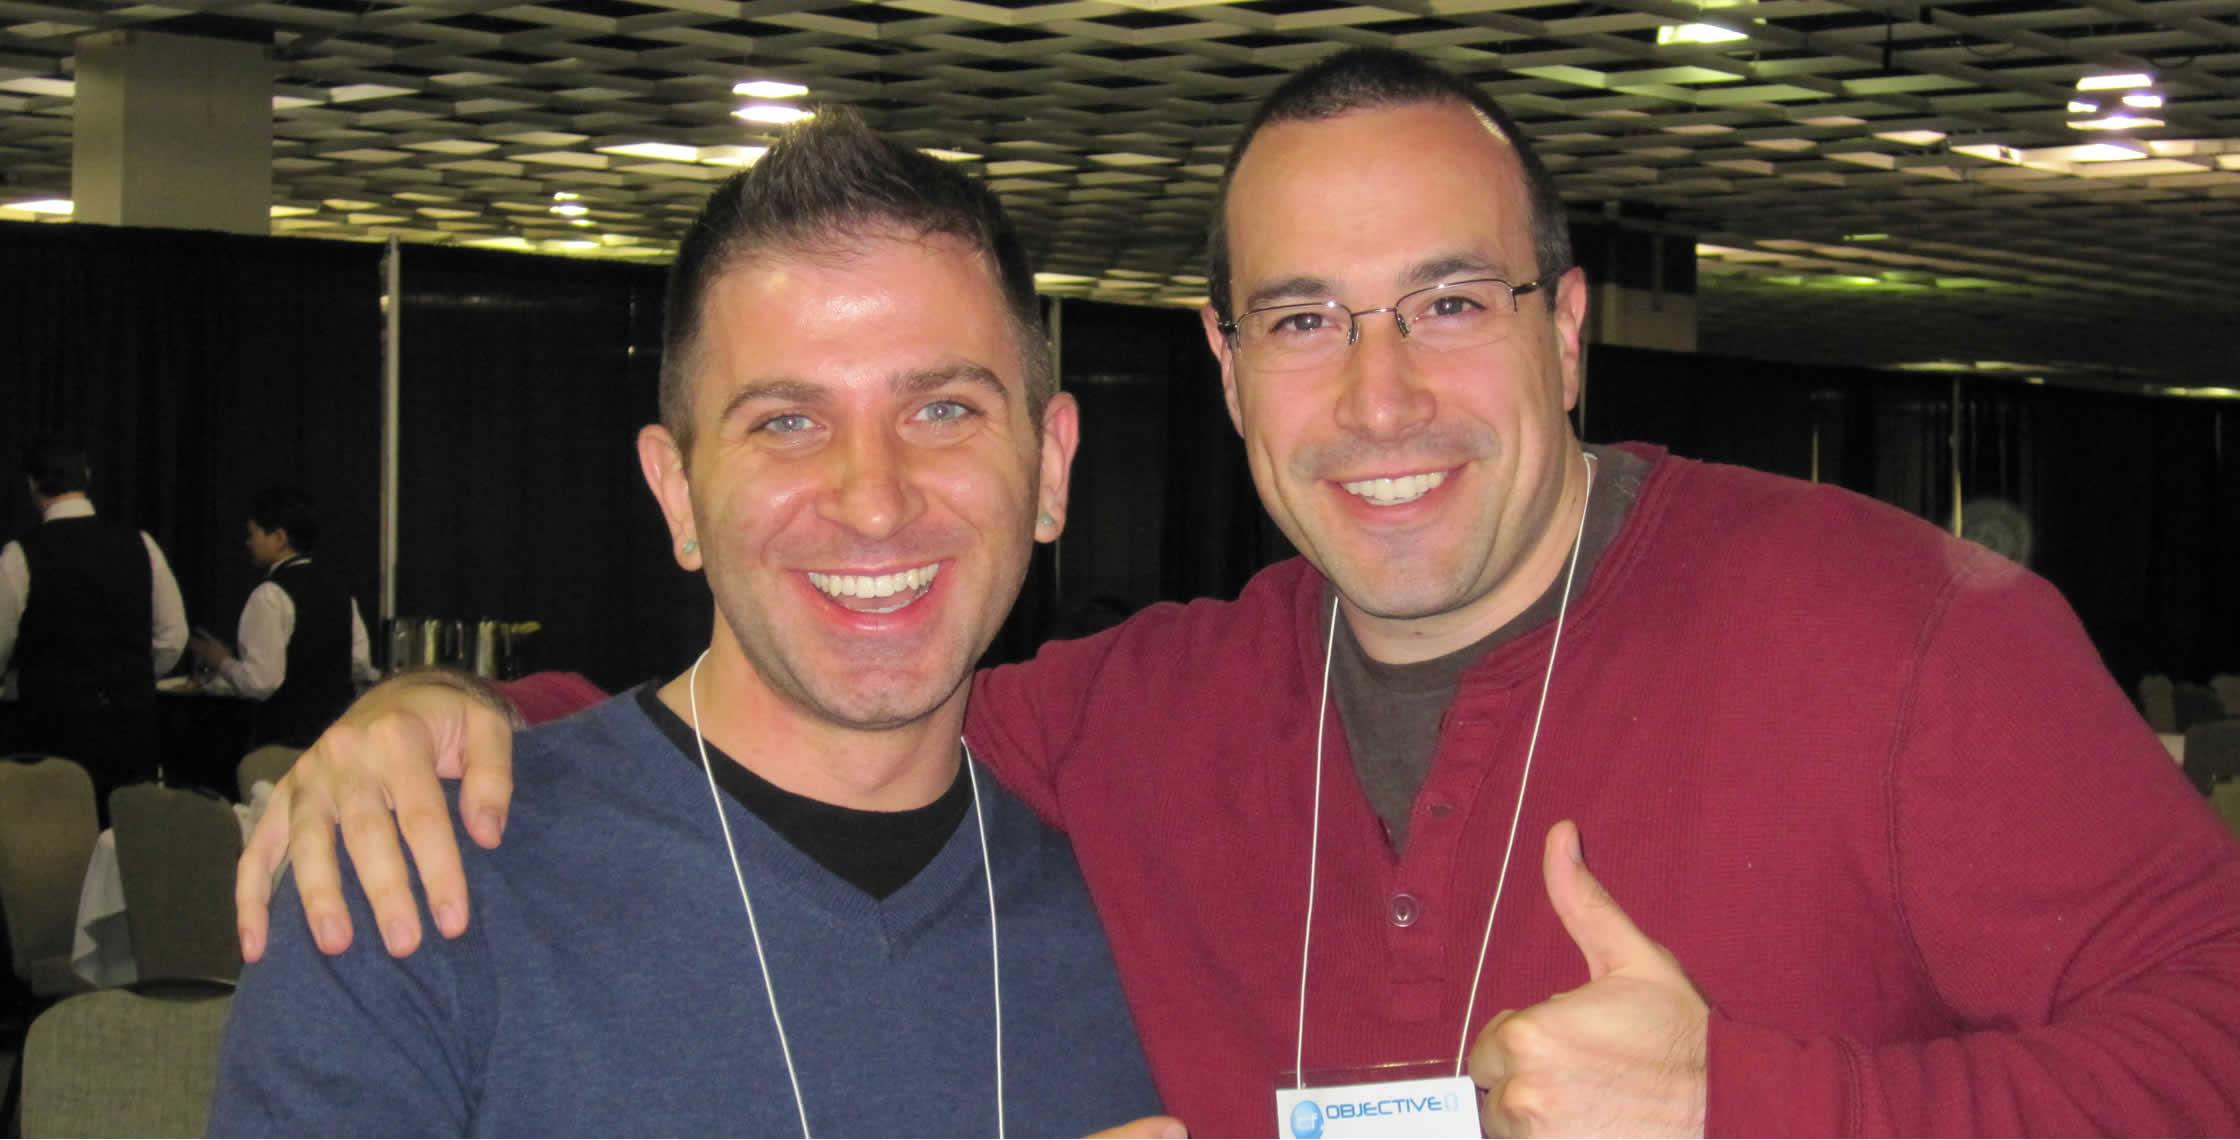 Ben Nadel at cf.Objective() 2012 (Minneapolis, MN) with: Jason Seminara